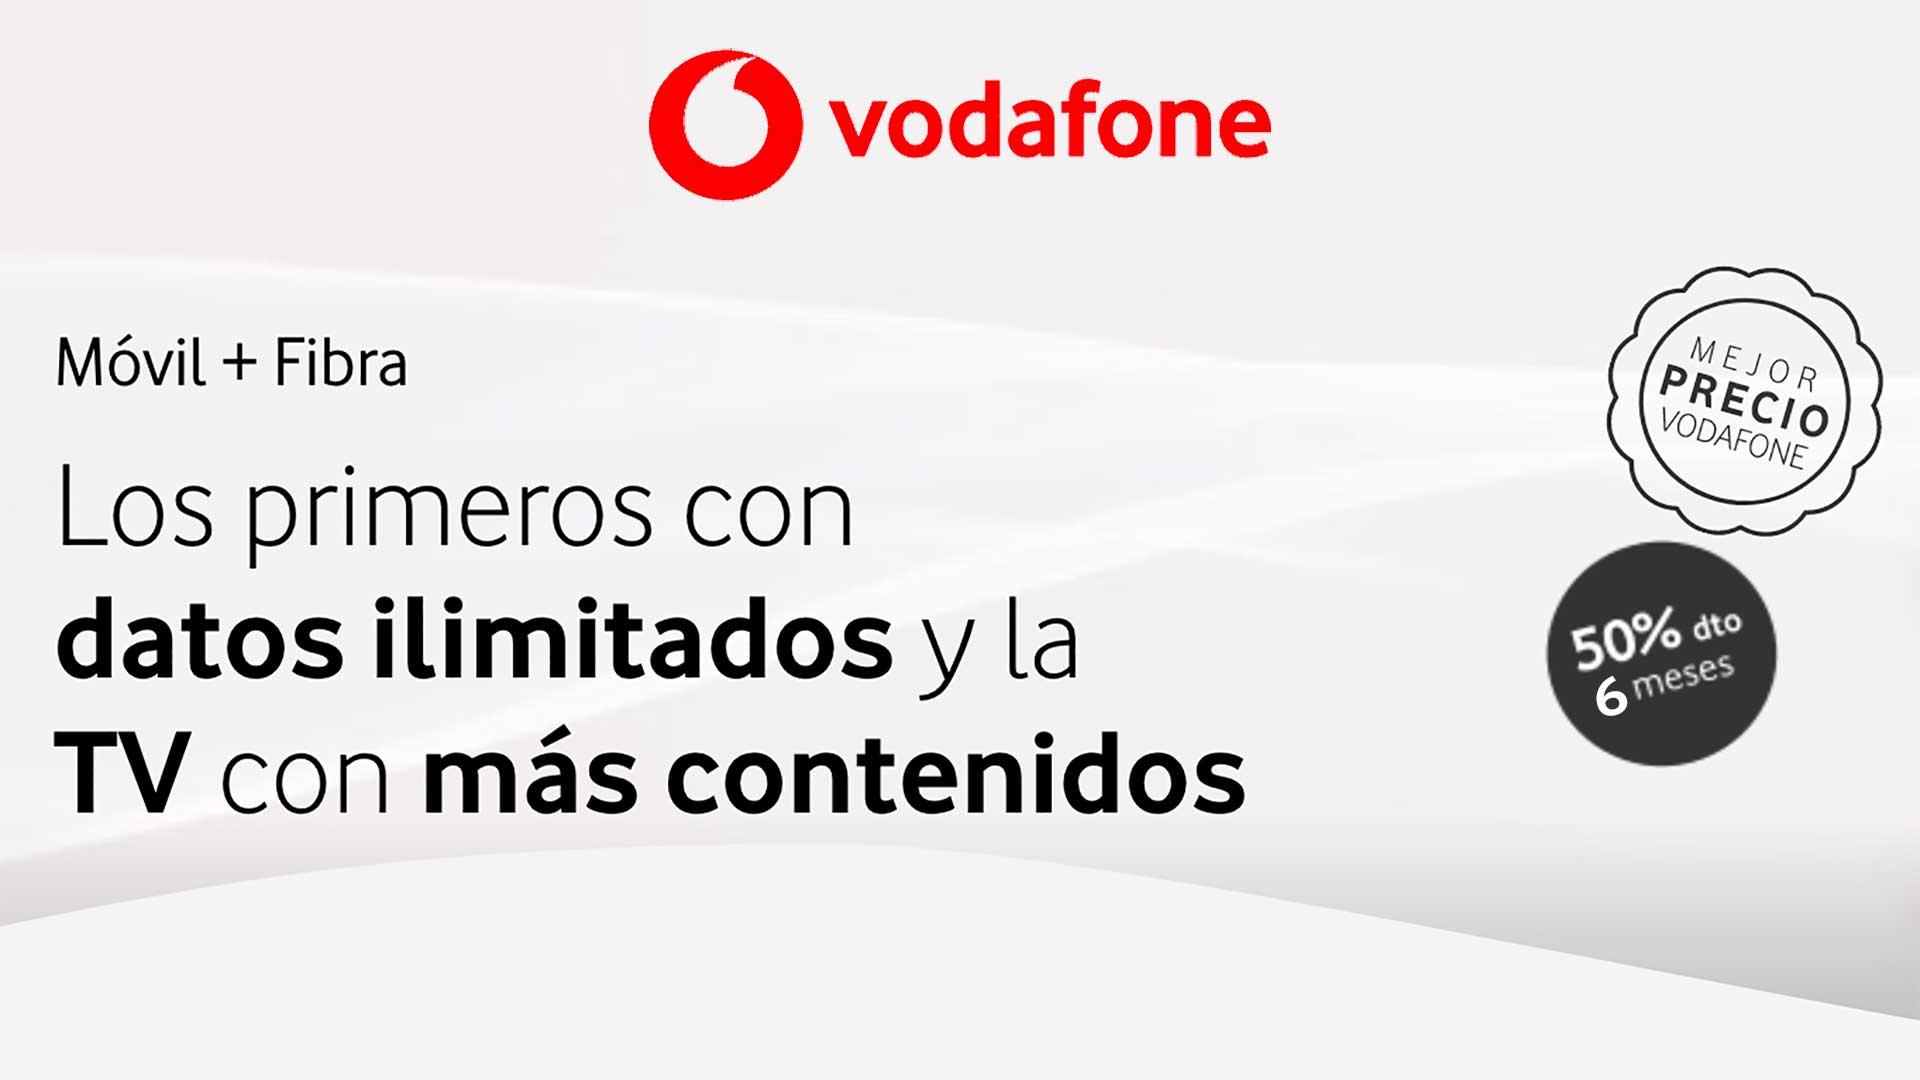 Vodafone promoción packs fibra y móvil, junio 2020